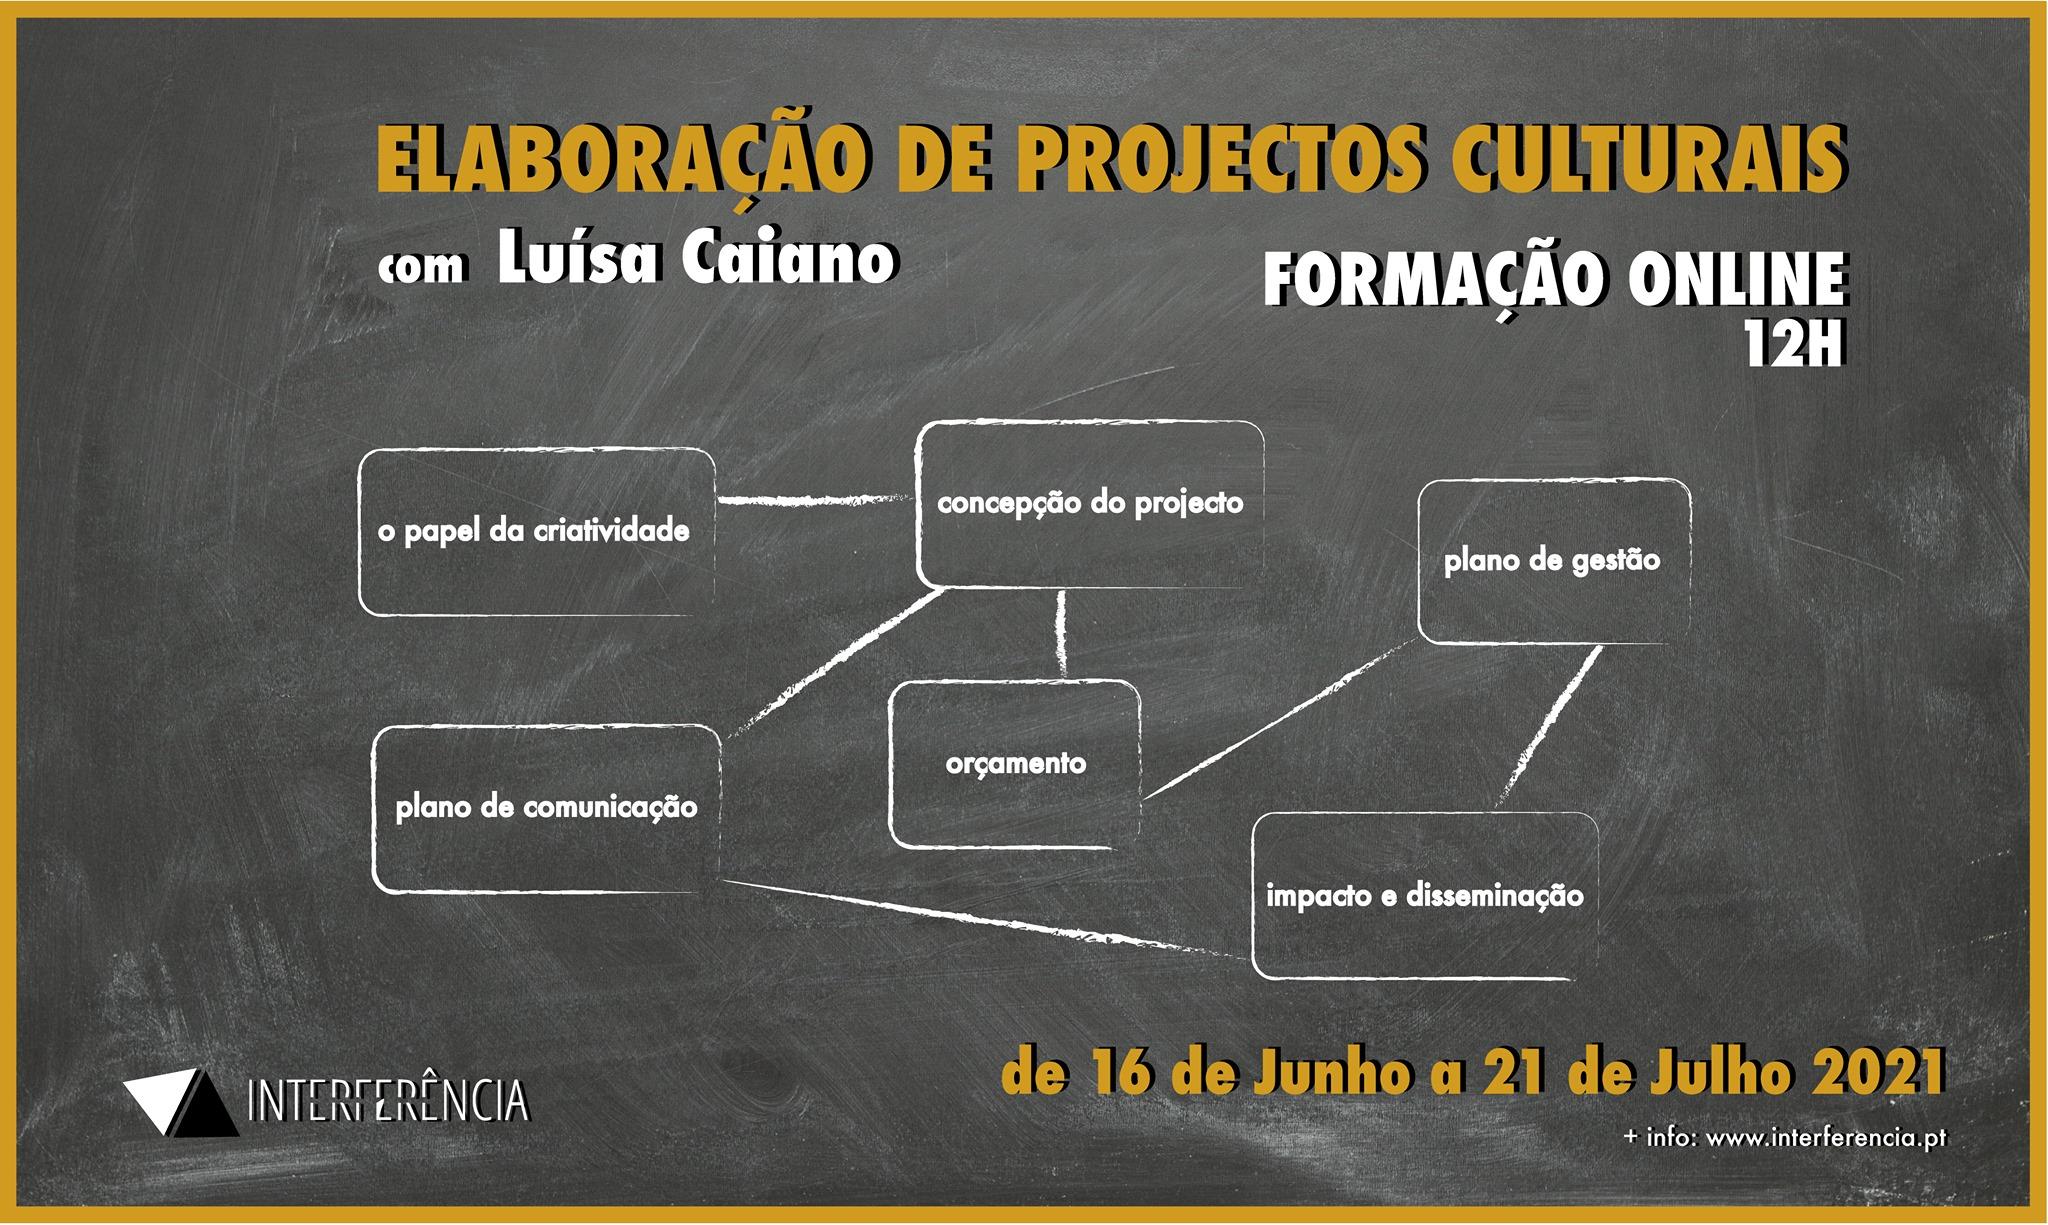 Elaboração de Projectos Culturais com Luisa Caiano - FORMAÇÃO ONLINE 12H